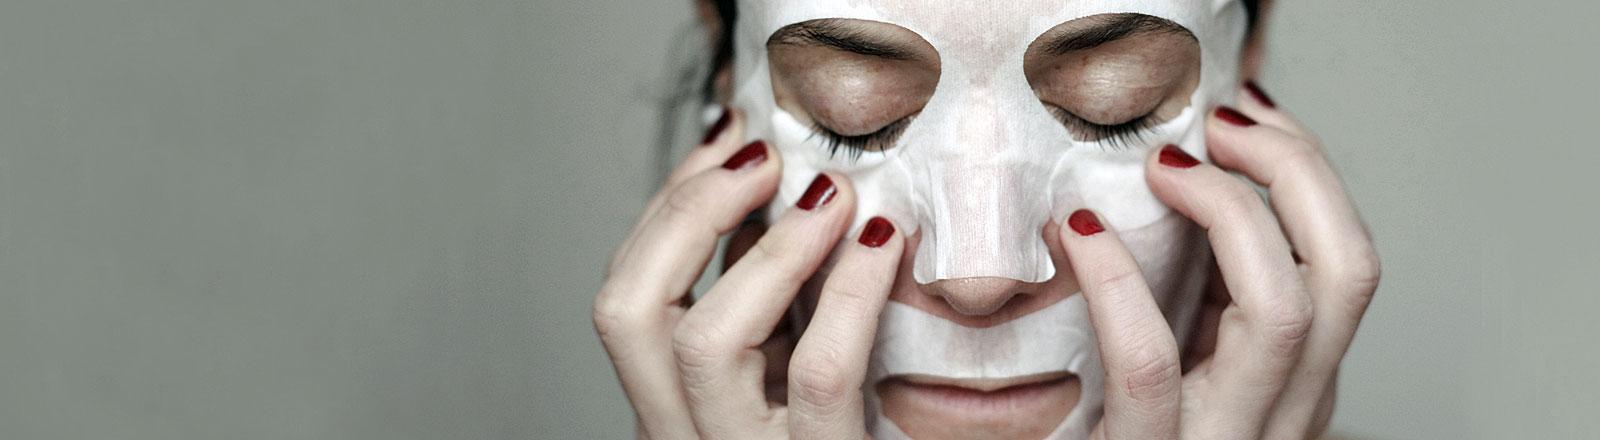 Frau mit abgeklebtem Gesicht